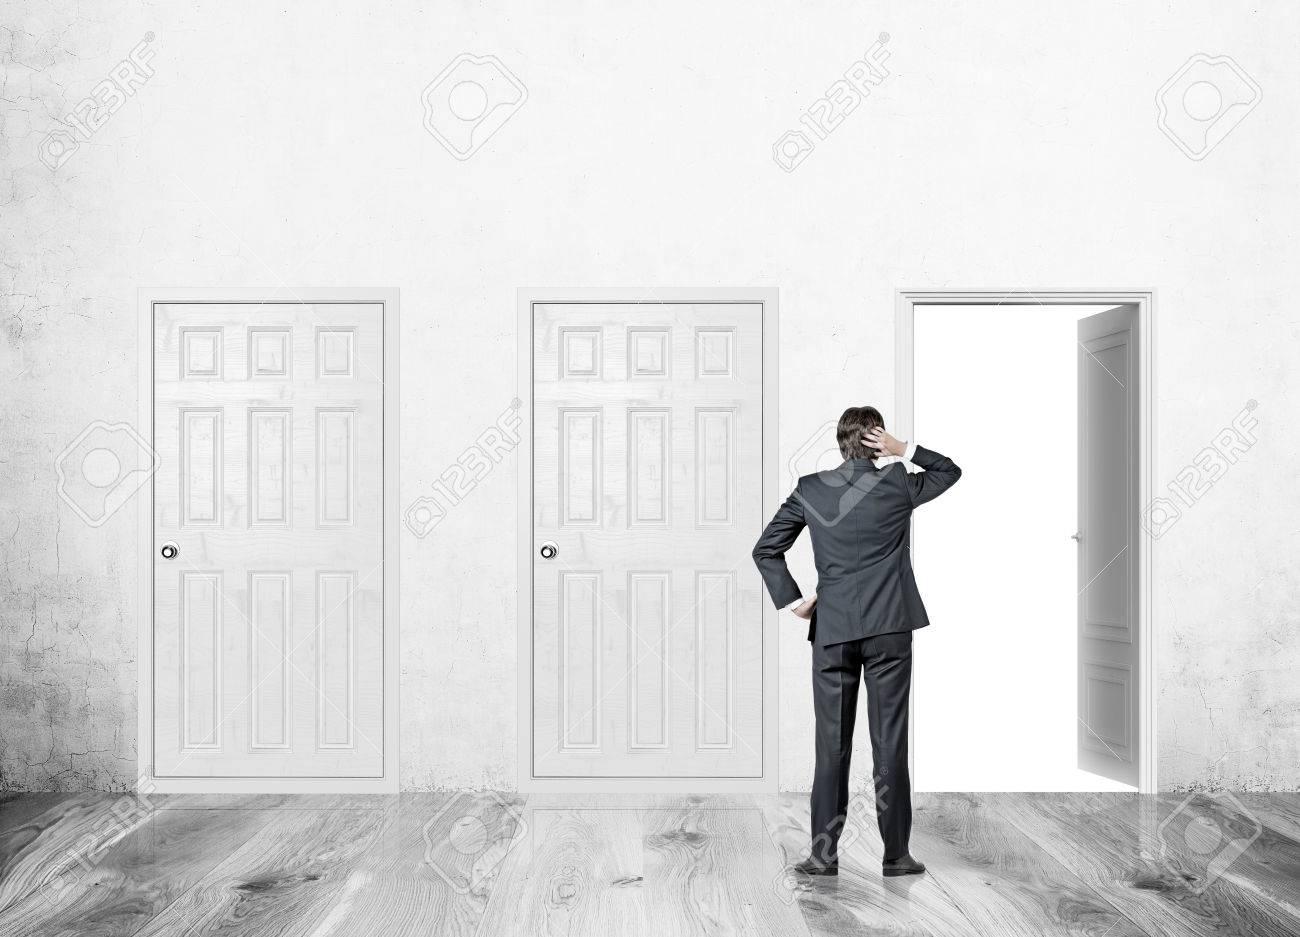 banque d images homme debout dans le couloir de mur de beton avec trois portes un ouvert deux fermes concept de trouver bonne facon de resoudre le